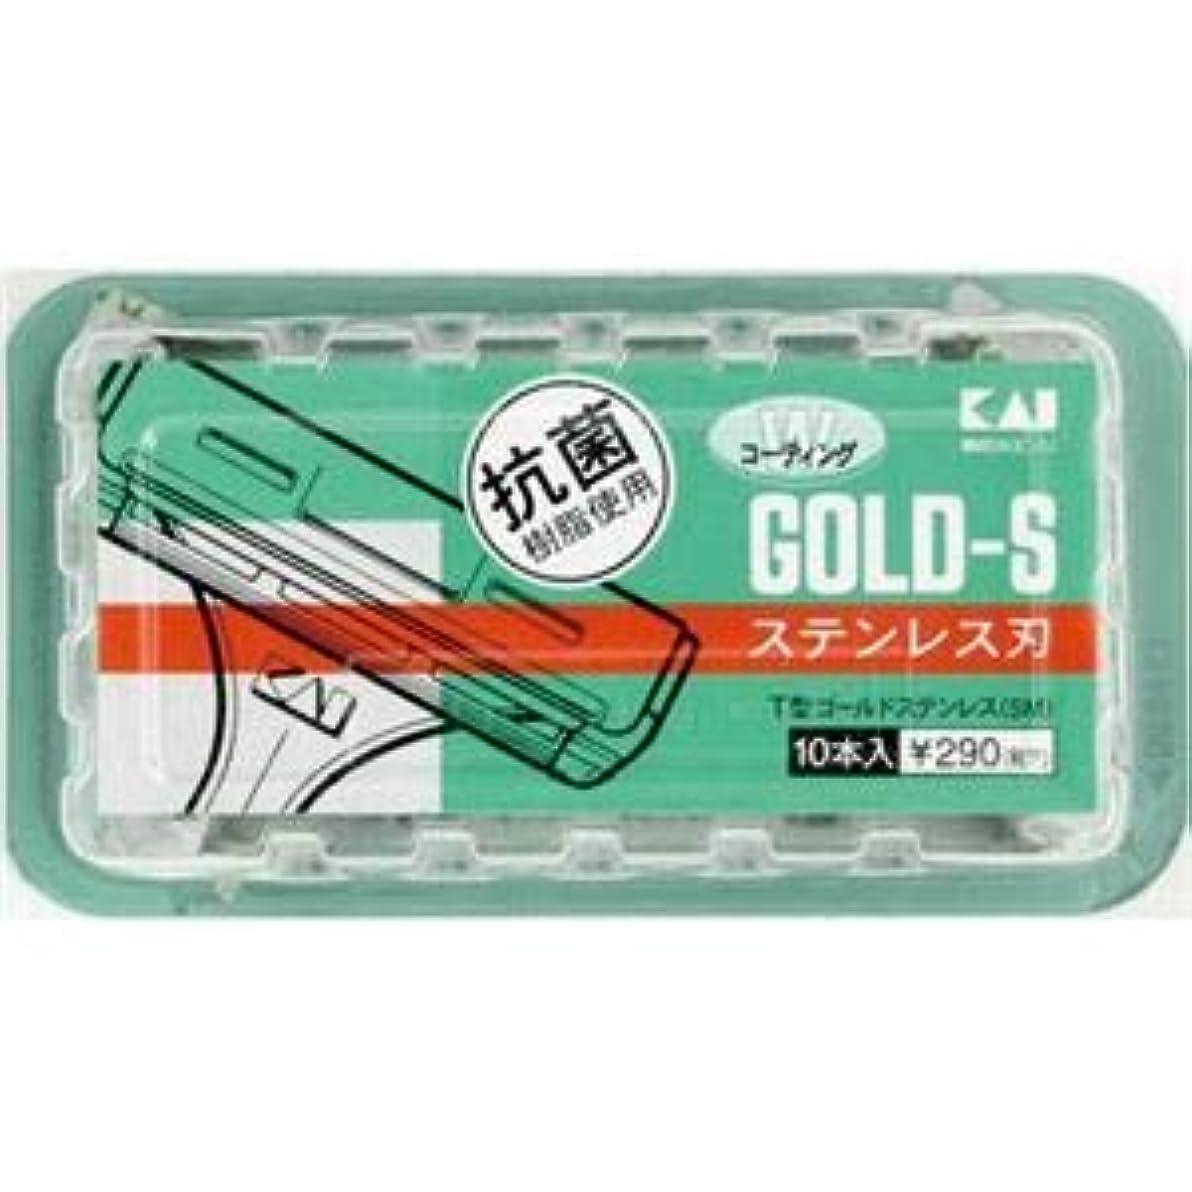 同盟人類博覧会(業務用20セット) 貝印 T型ゴールドステンレスSM10本